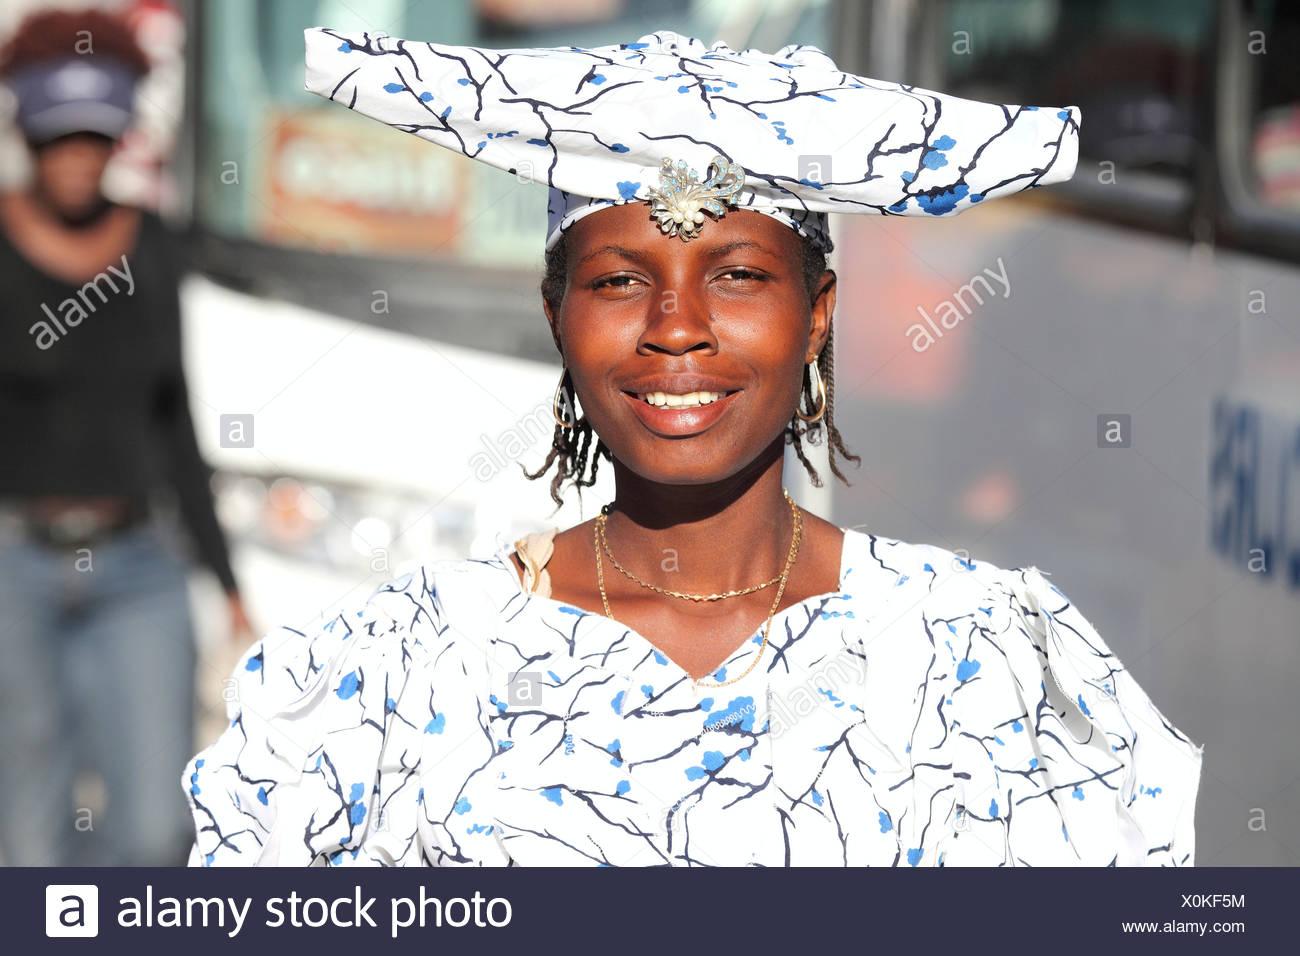 Young Herero woman, Botswana, Africa - Stock Image